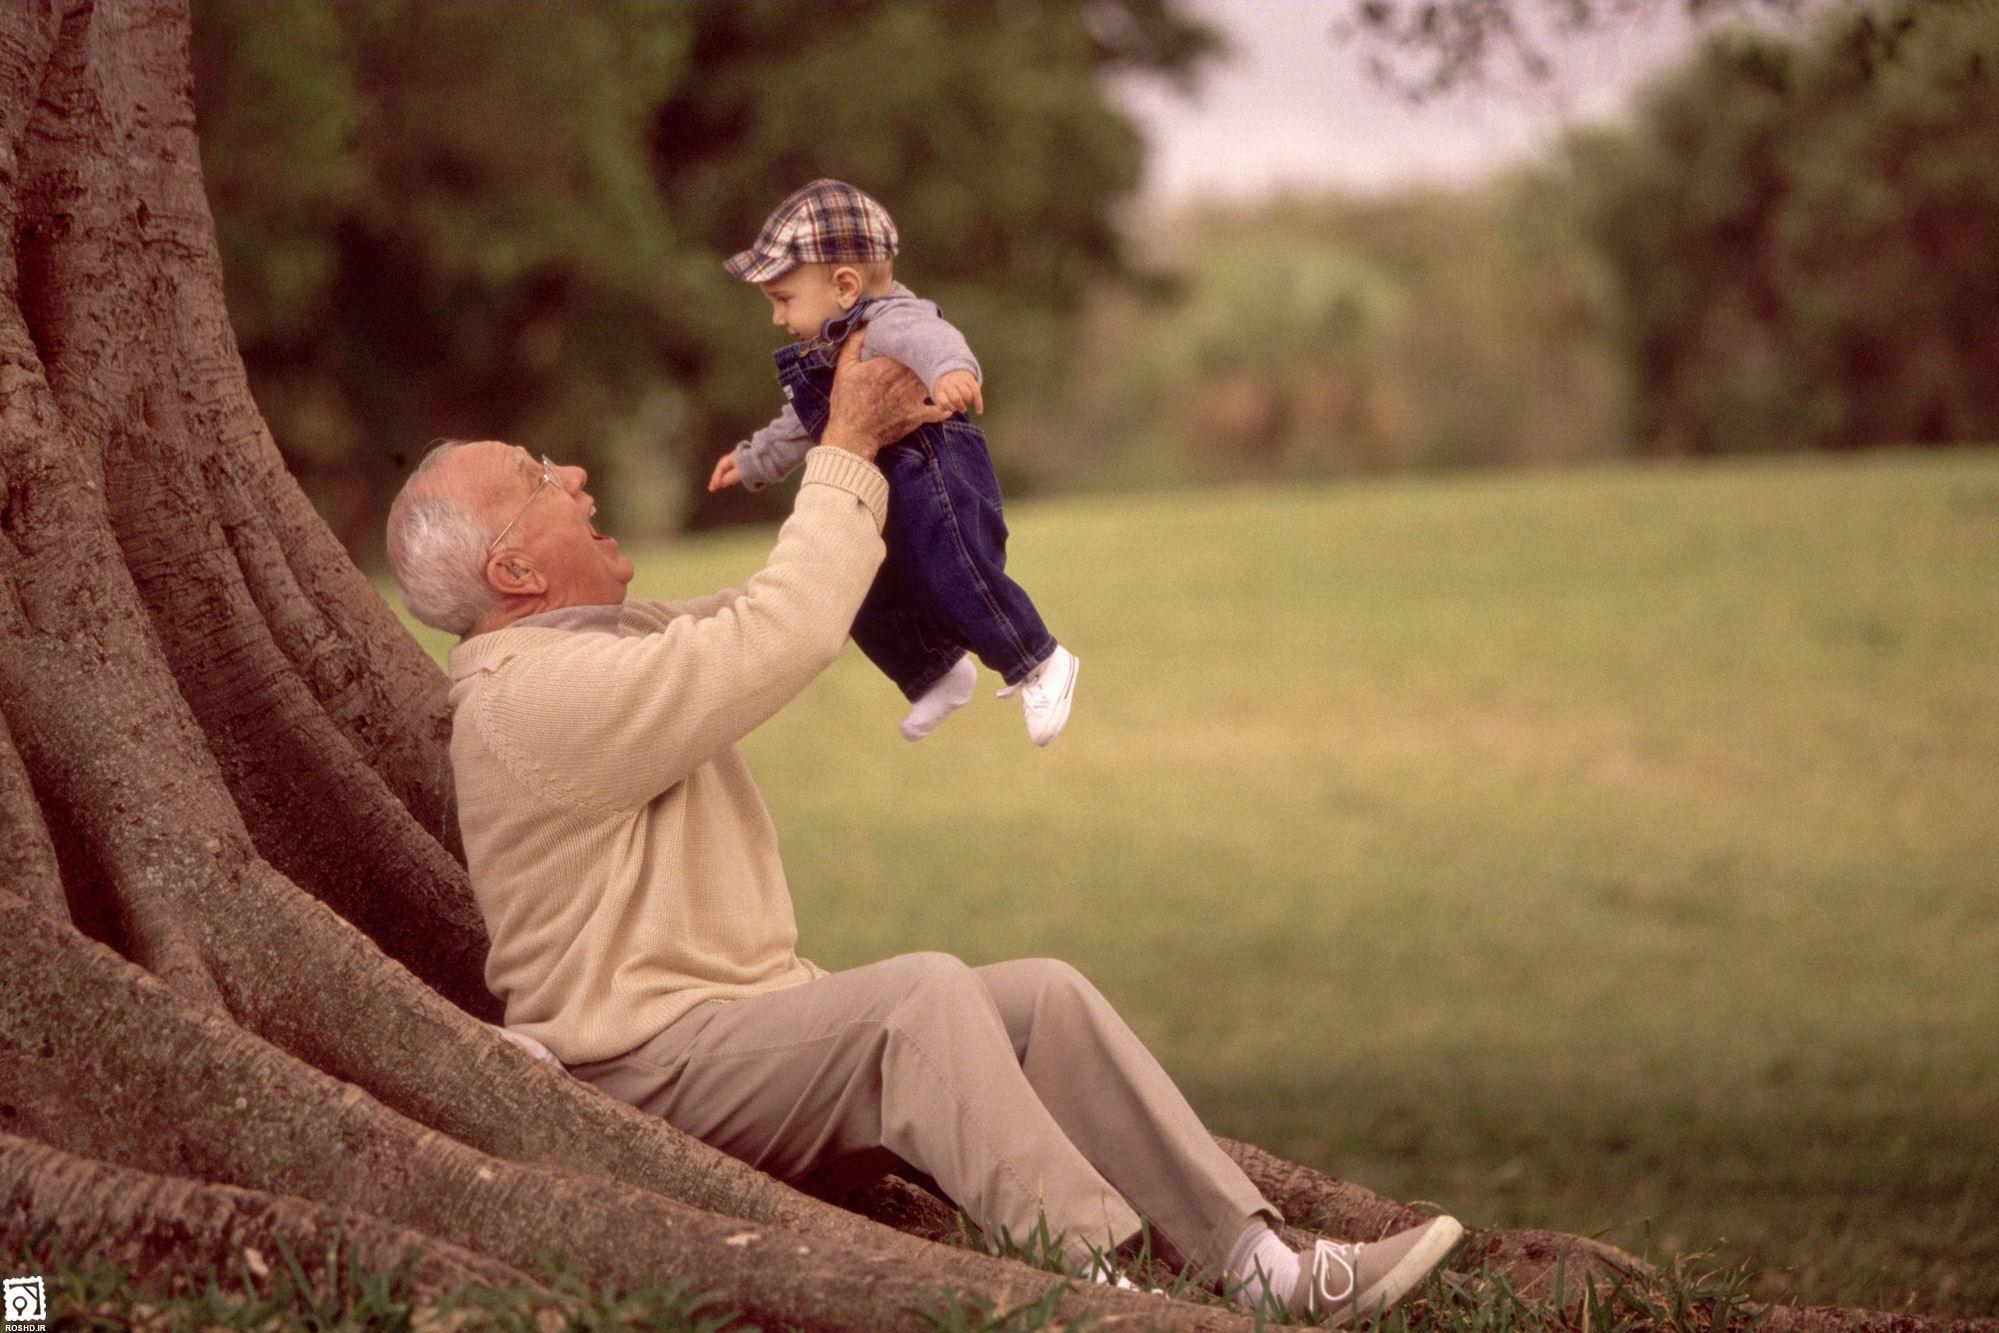 سالمندان نیازمند حس دلبستگی هستند